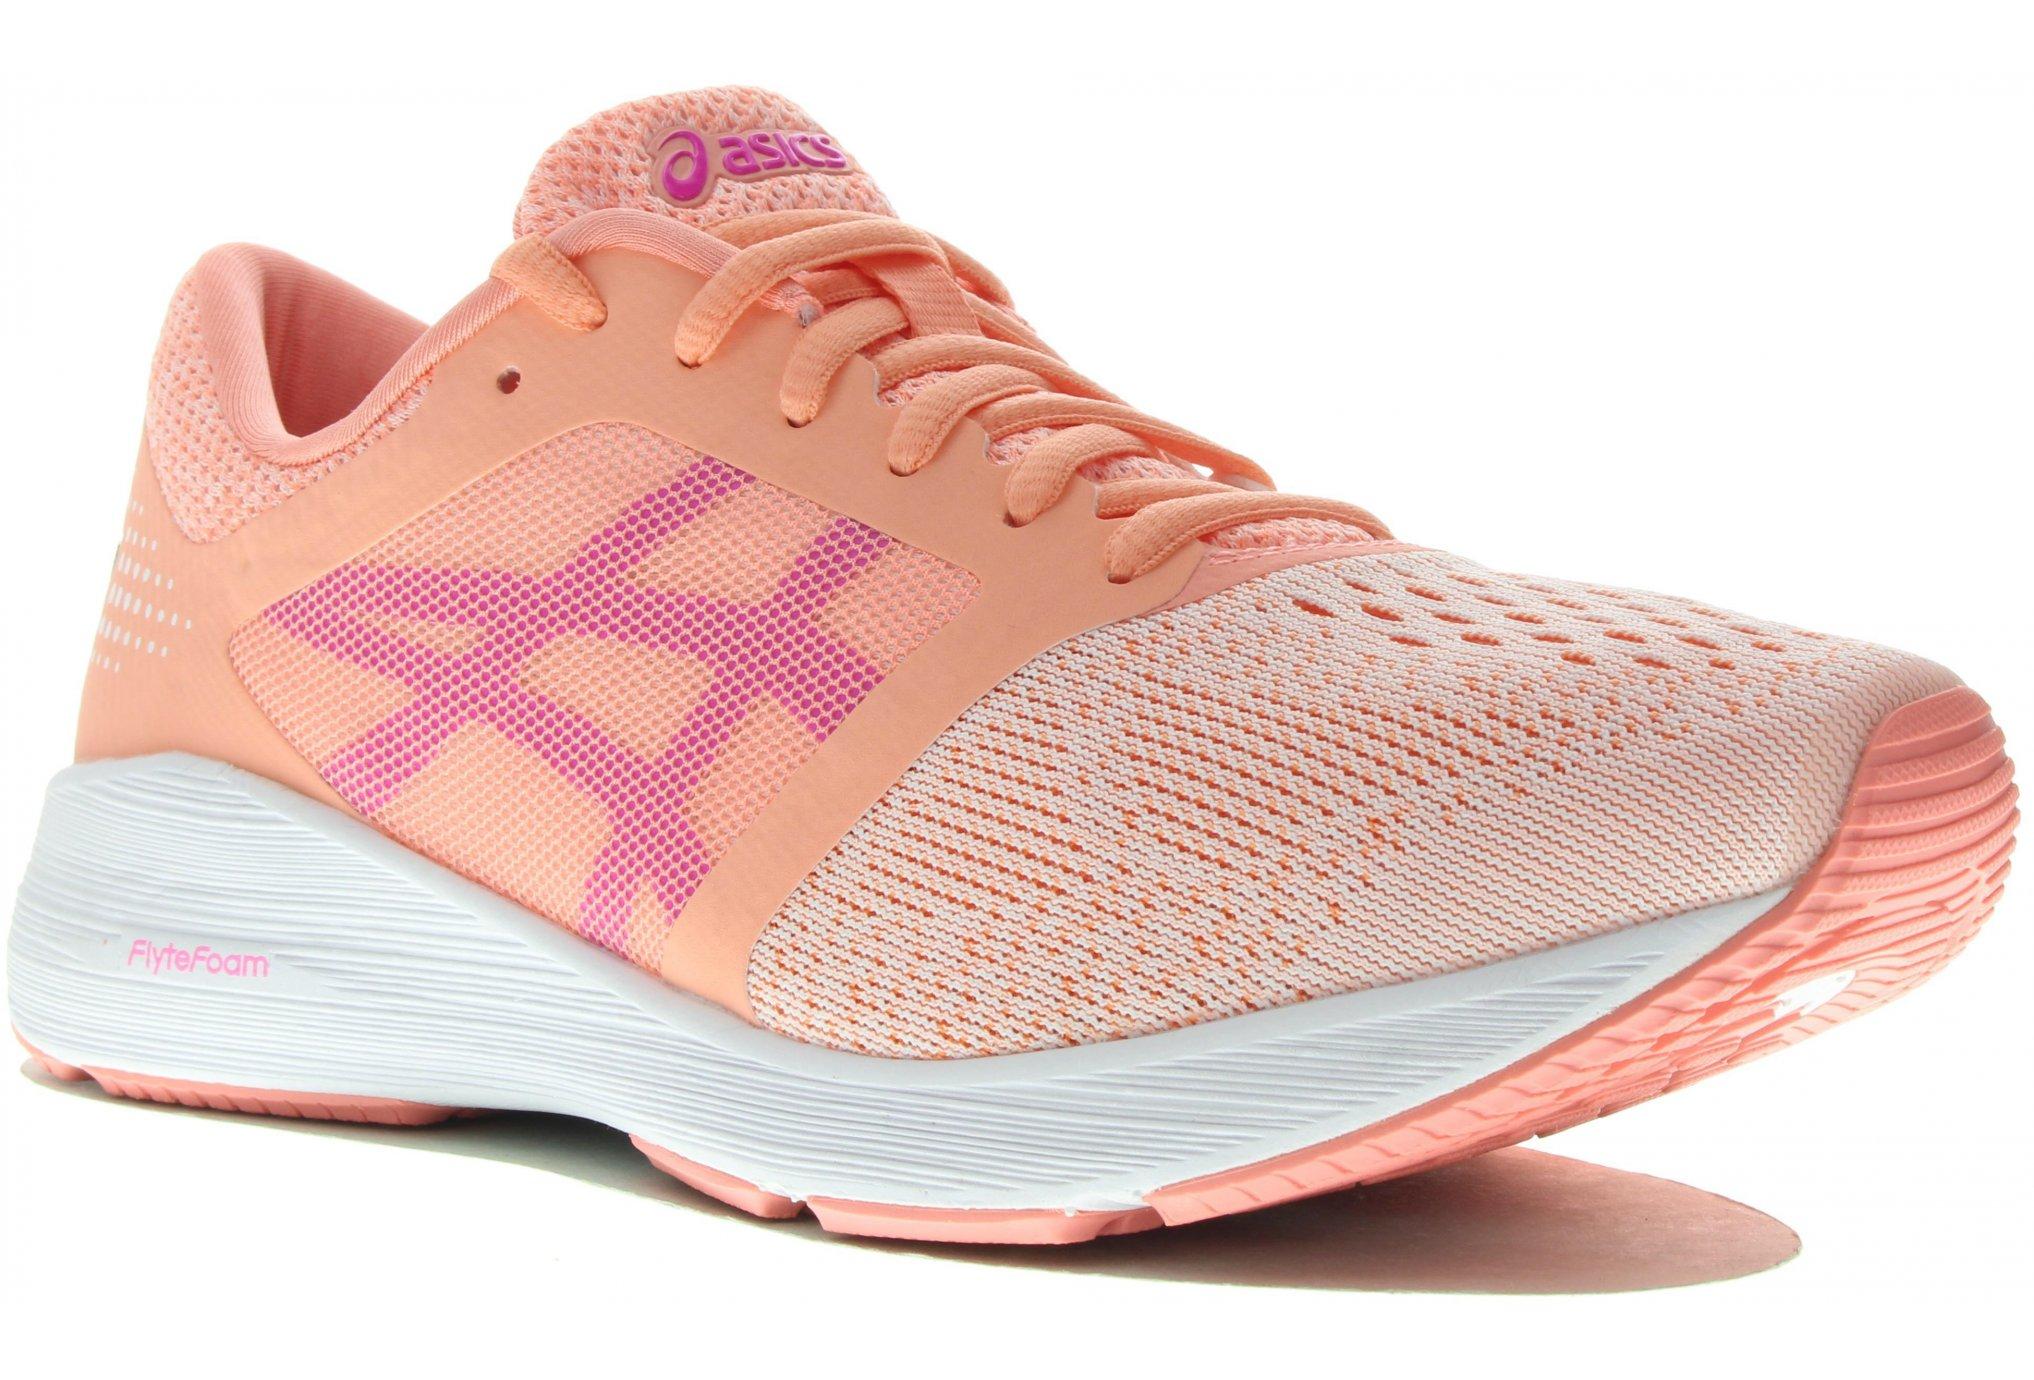 Chaussures de running | Asics | Women's Gel Kenun Sakura